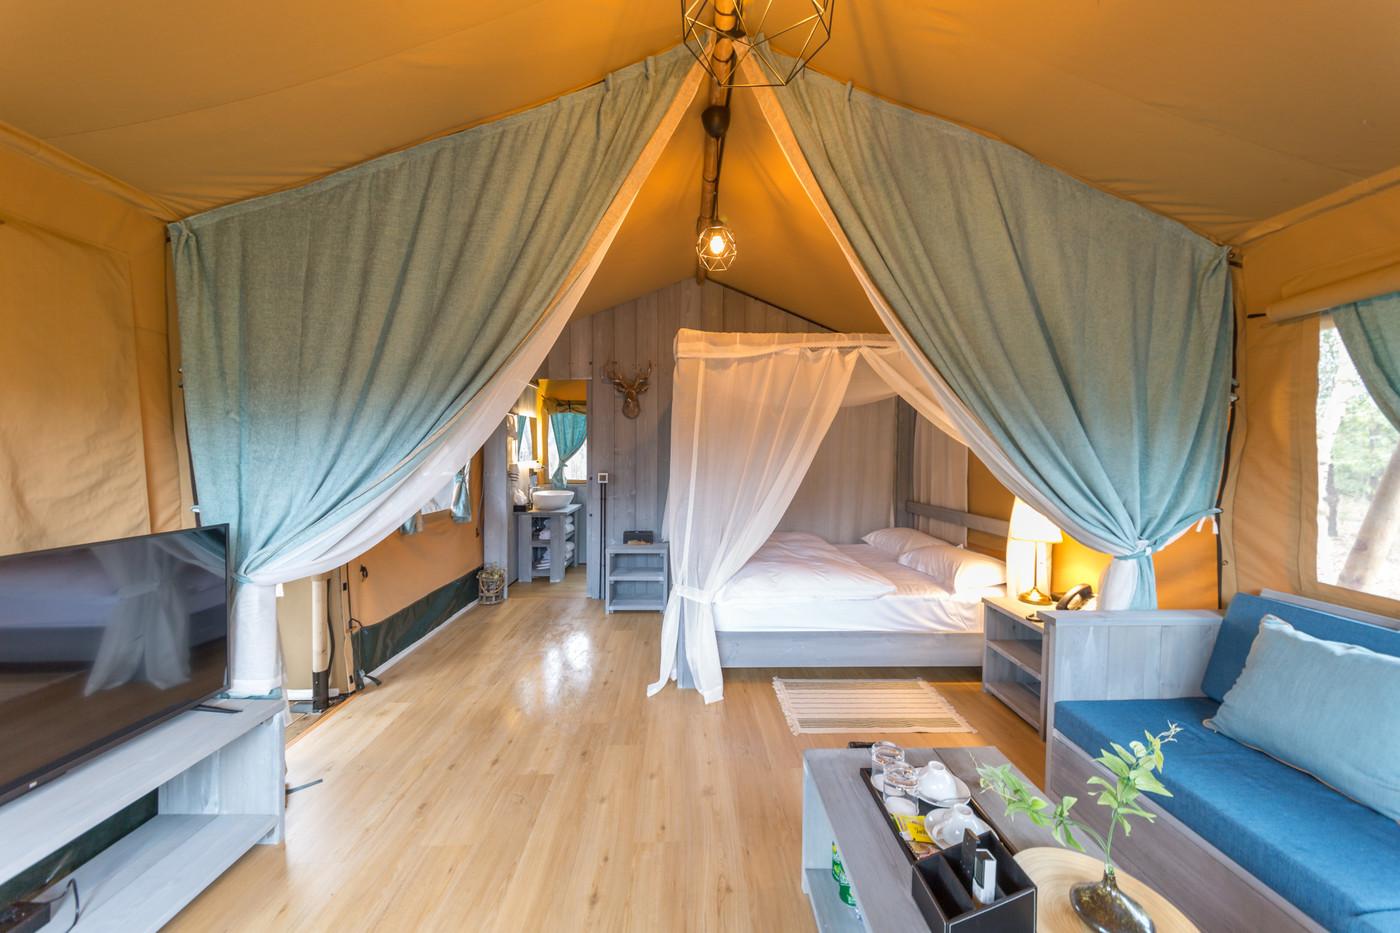 喜马拉雅上海迪士尼邻家营地子母房平地帐篷酒店14